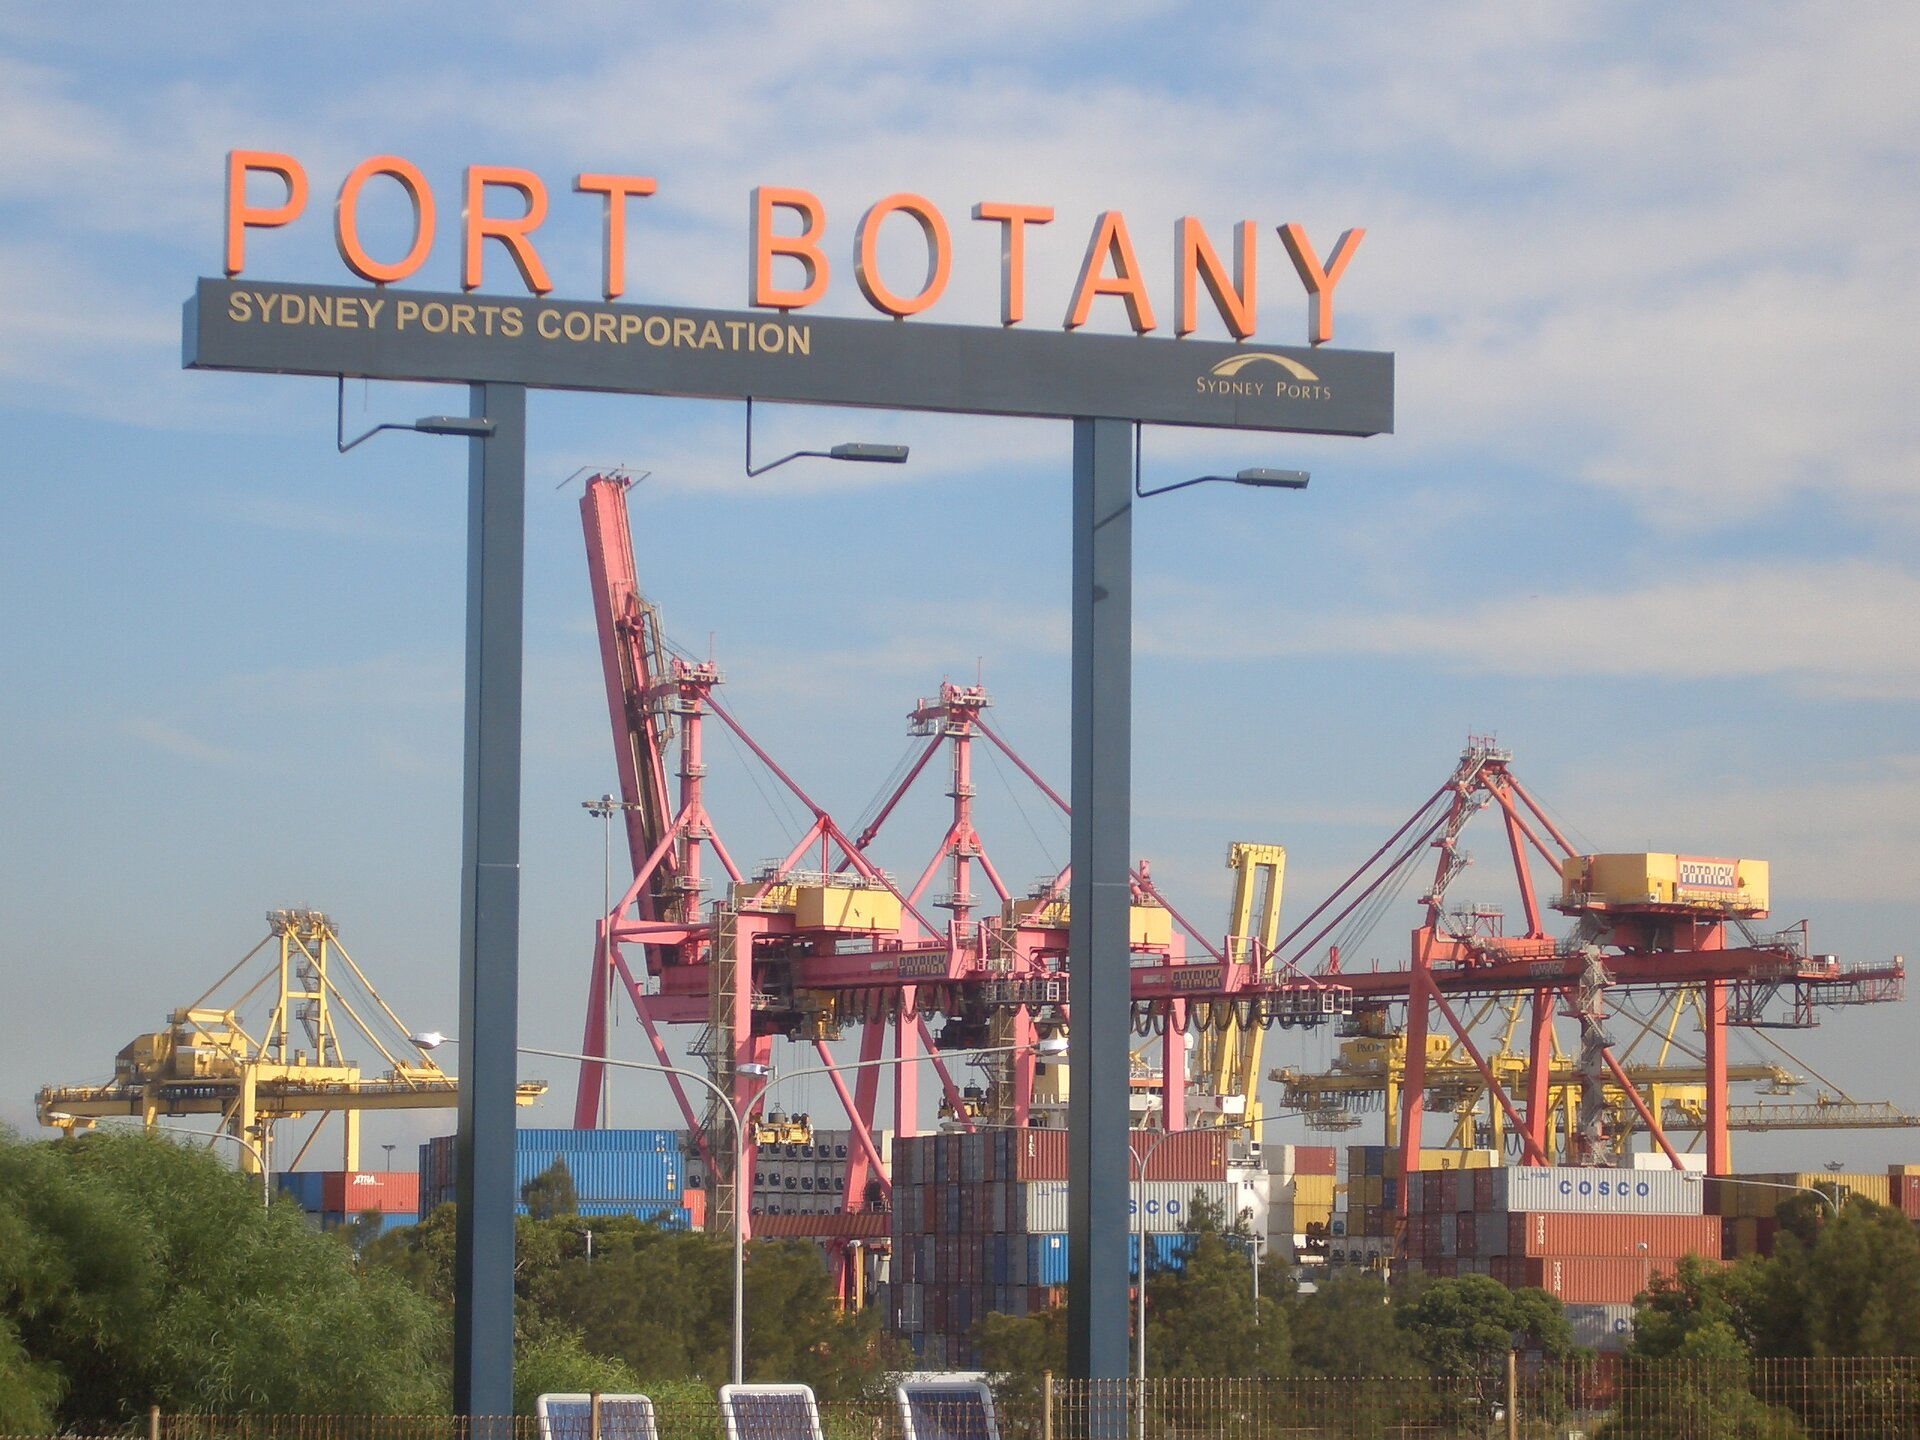 Na zdjęciu zabudowania portowe, kontenery. Na wysokich słupach szyld znapisem Port Botany.